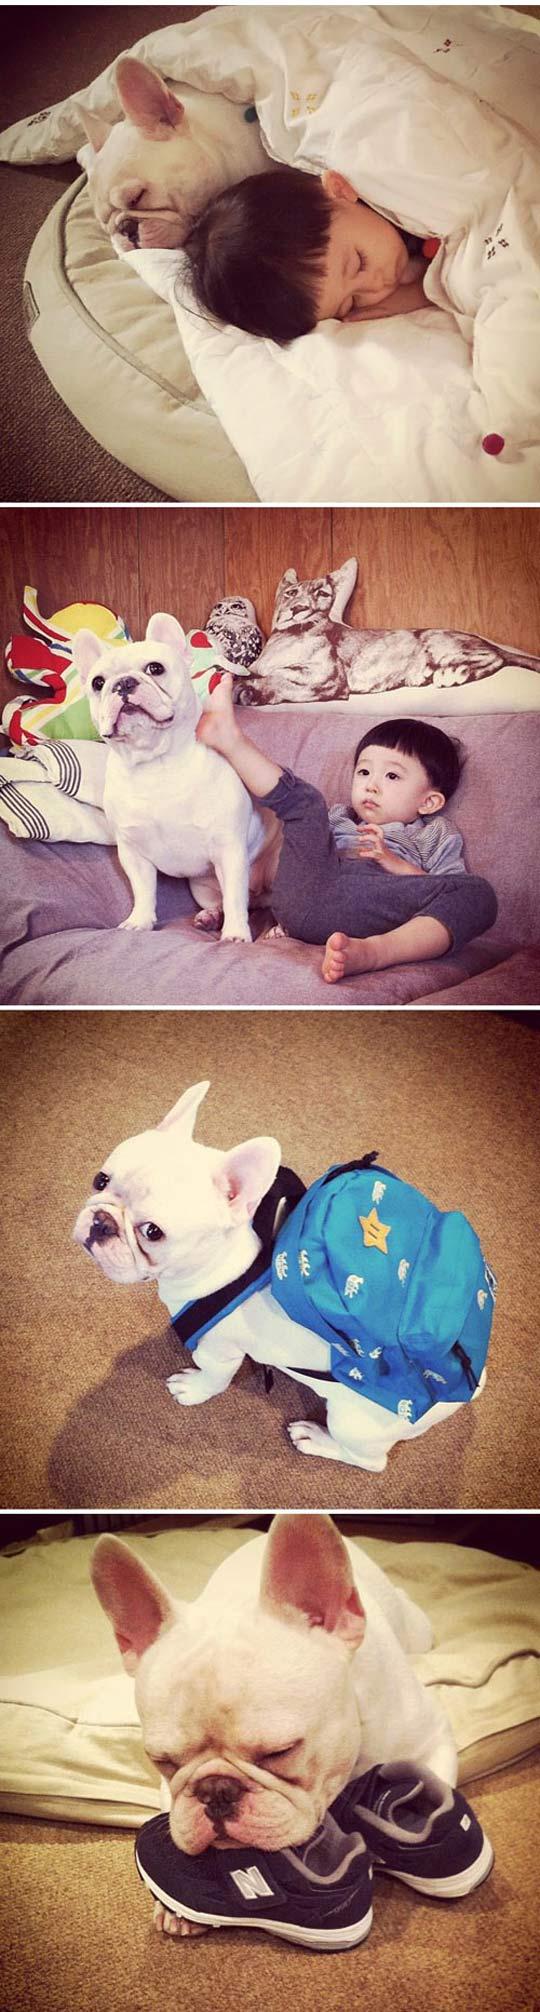 cool-Asian-kid-sleeping-dog